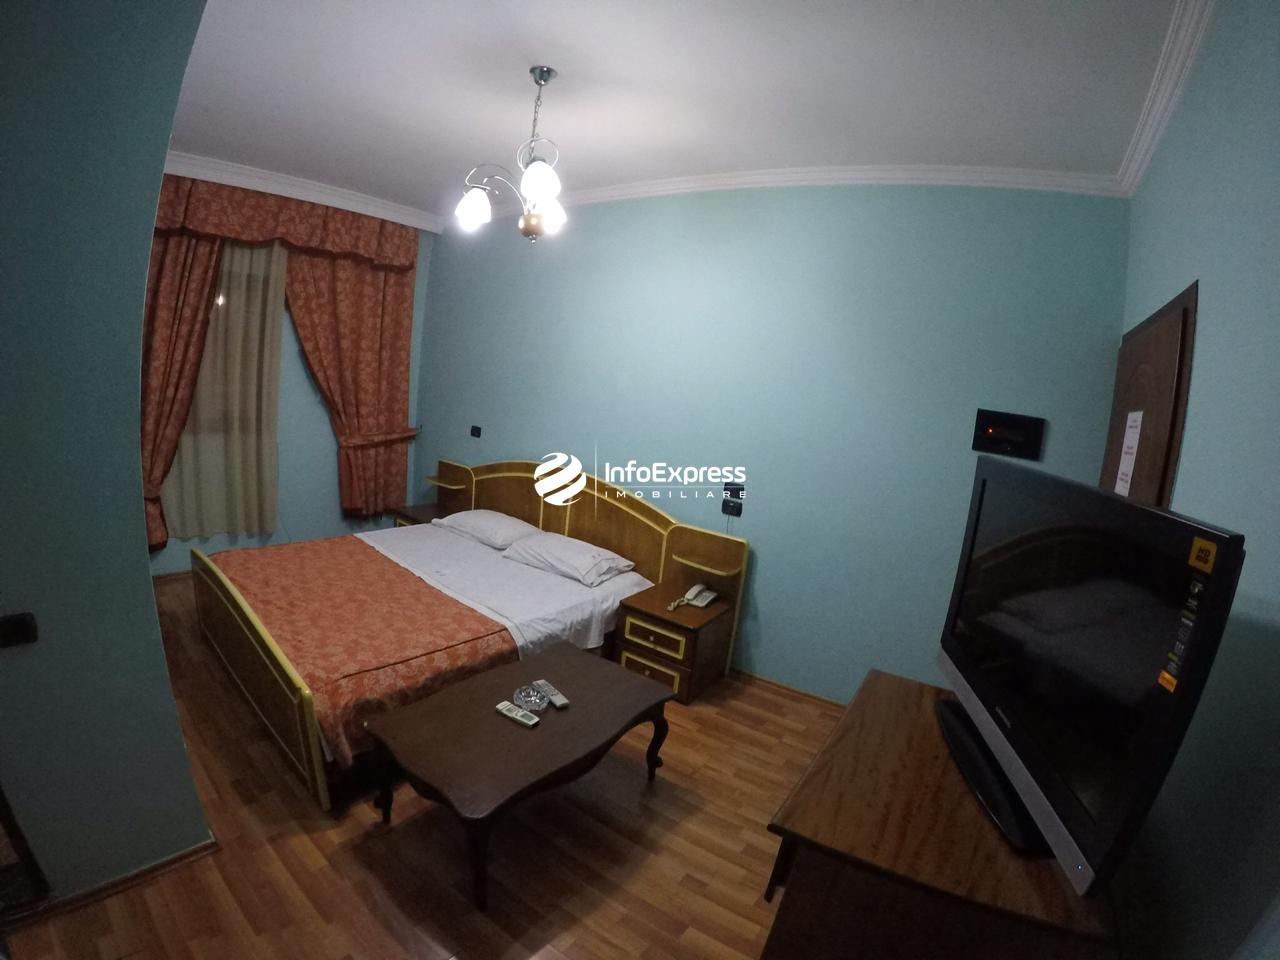 TRR-0419-1502 Jepet hotel me qera ndodhet ne qender te Tiranes.